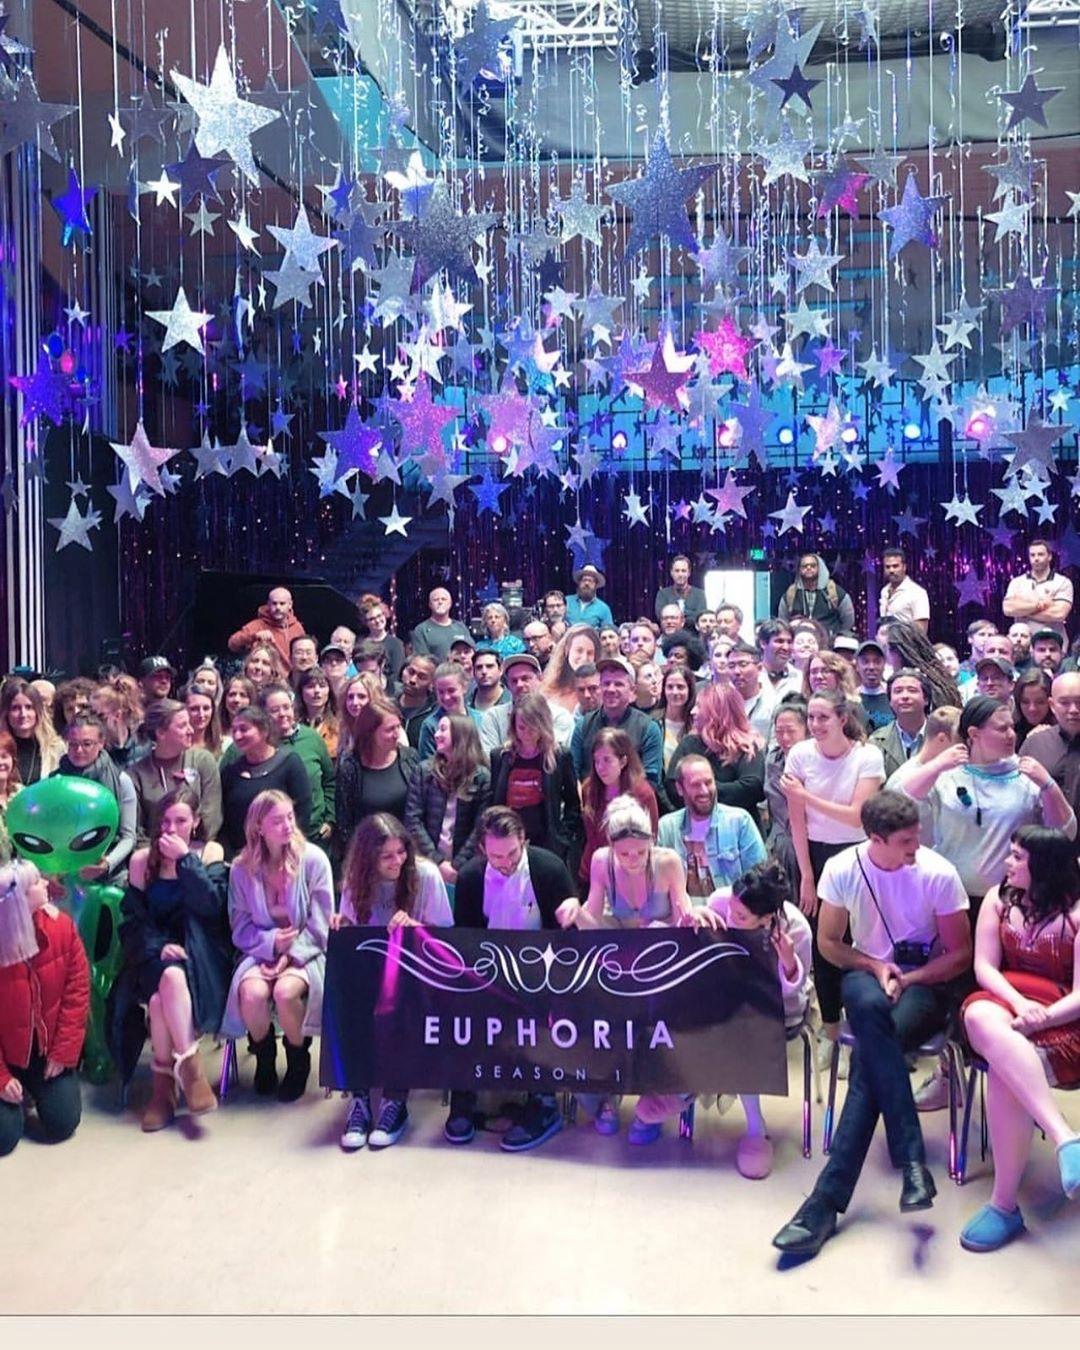 euphoria birthday party theme